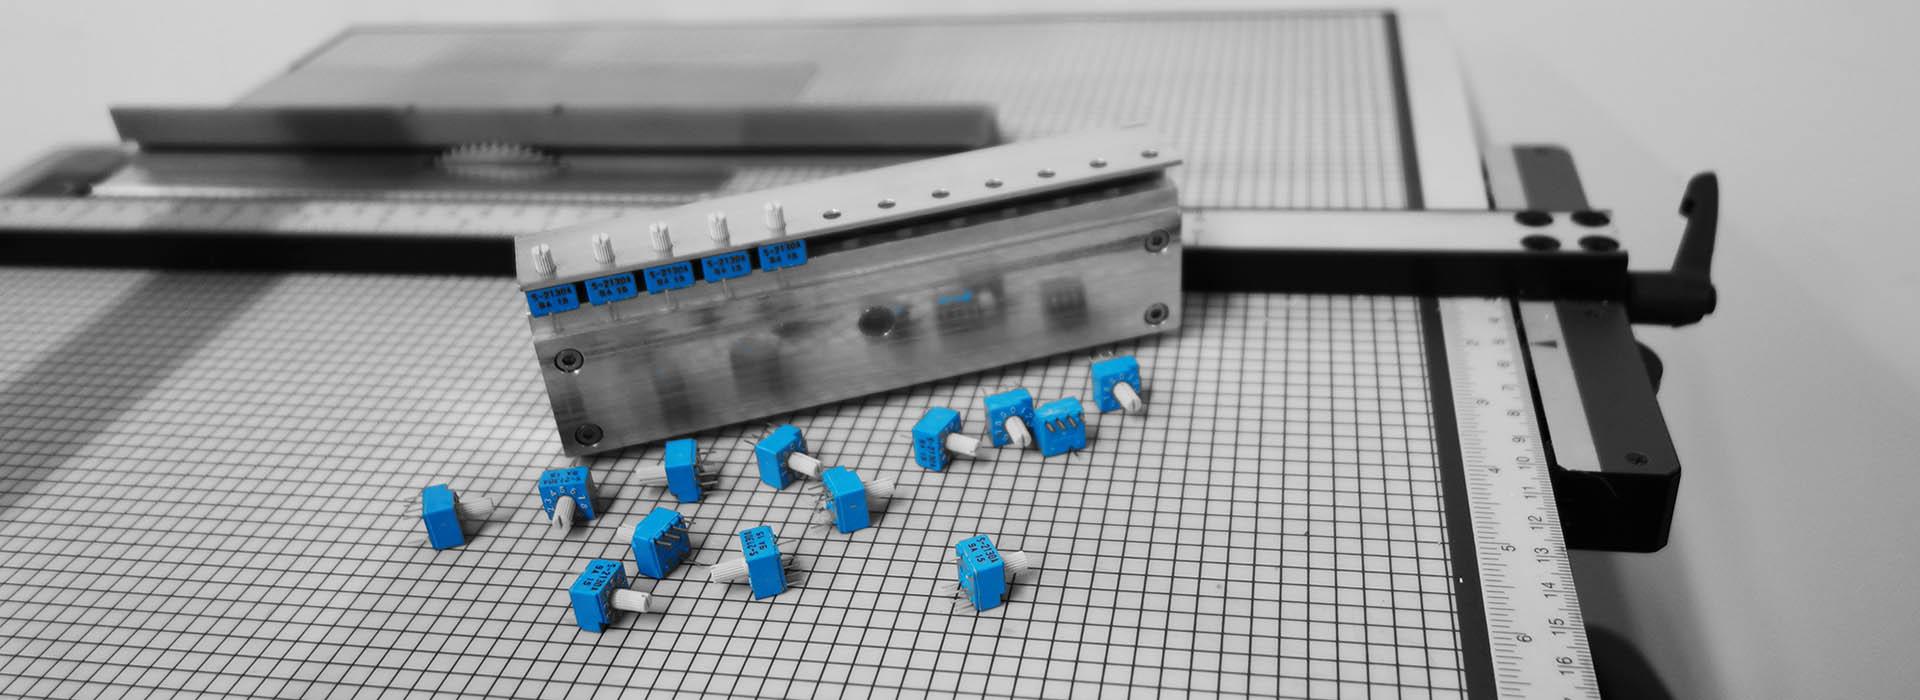 Bauteilvorbereitung, Bauteilkonfektionierung - MBLE-lohngurtservice